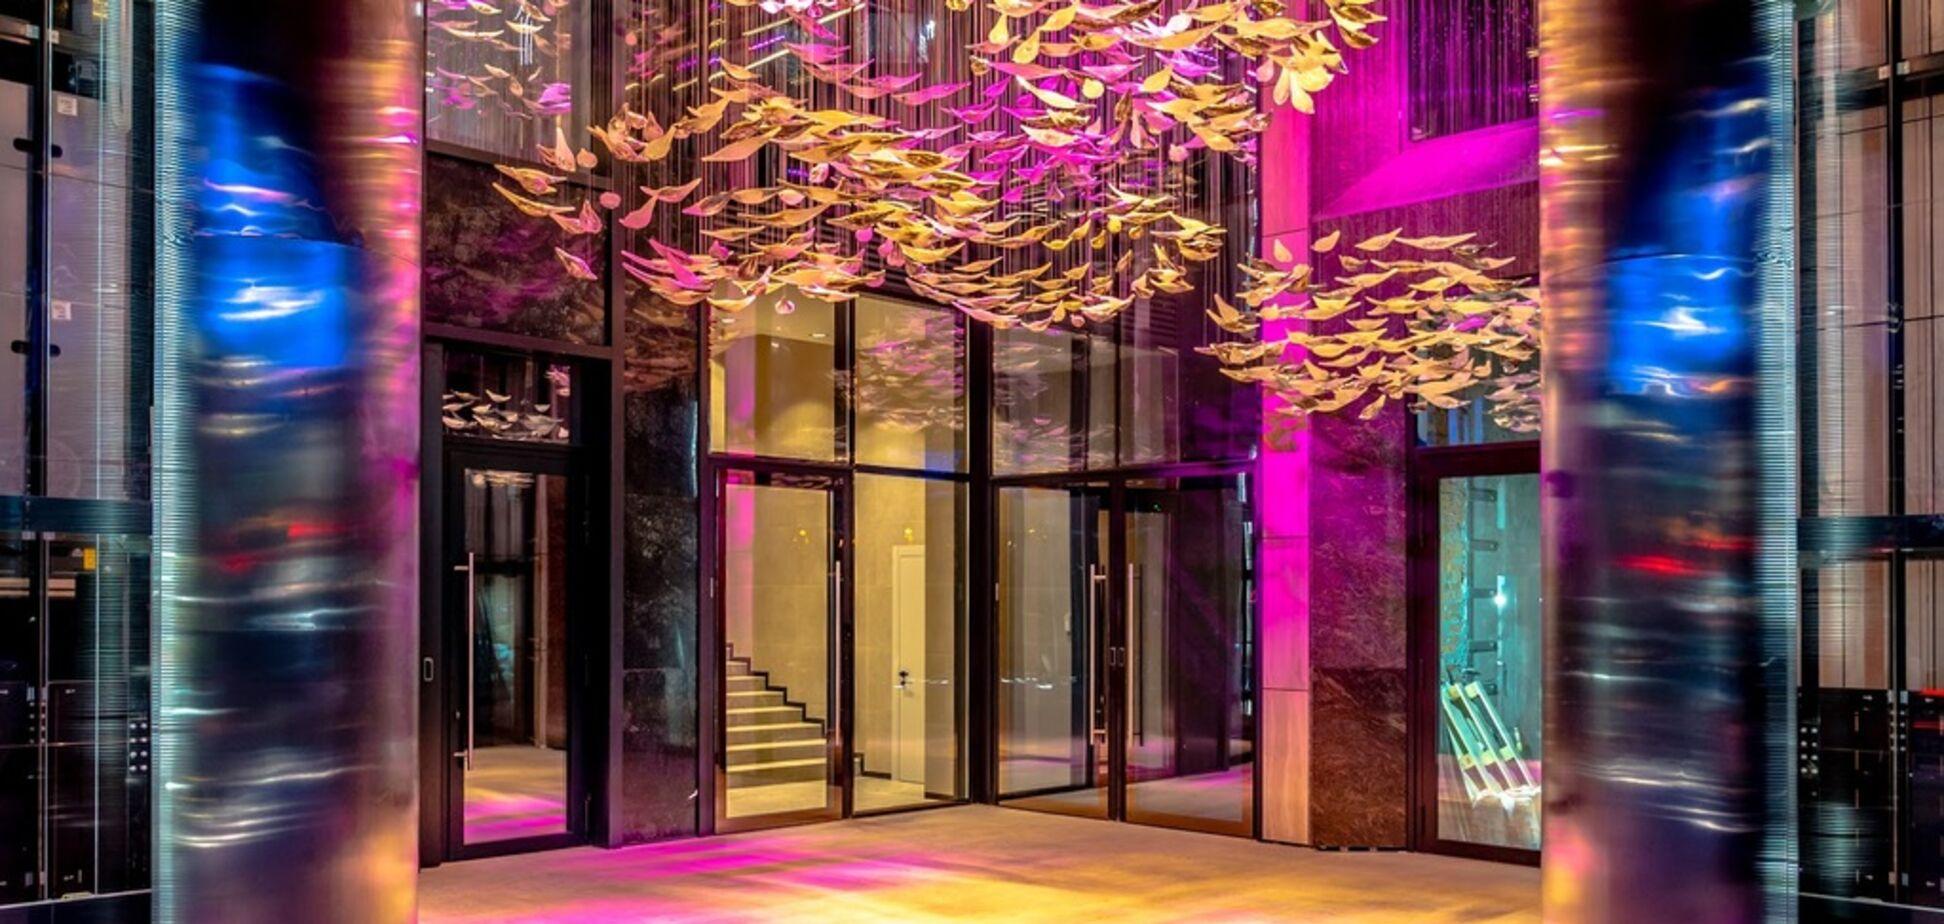 Магія скла та світла: у центрі Києва з'явилася ексклюзивна композиція всередині куба ЖК CHICAGO Central House